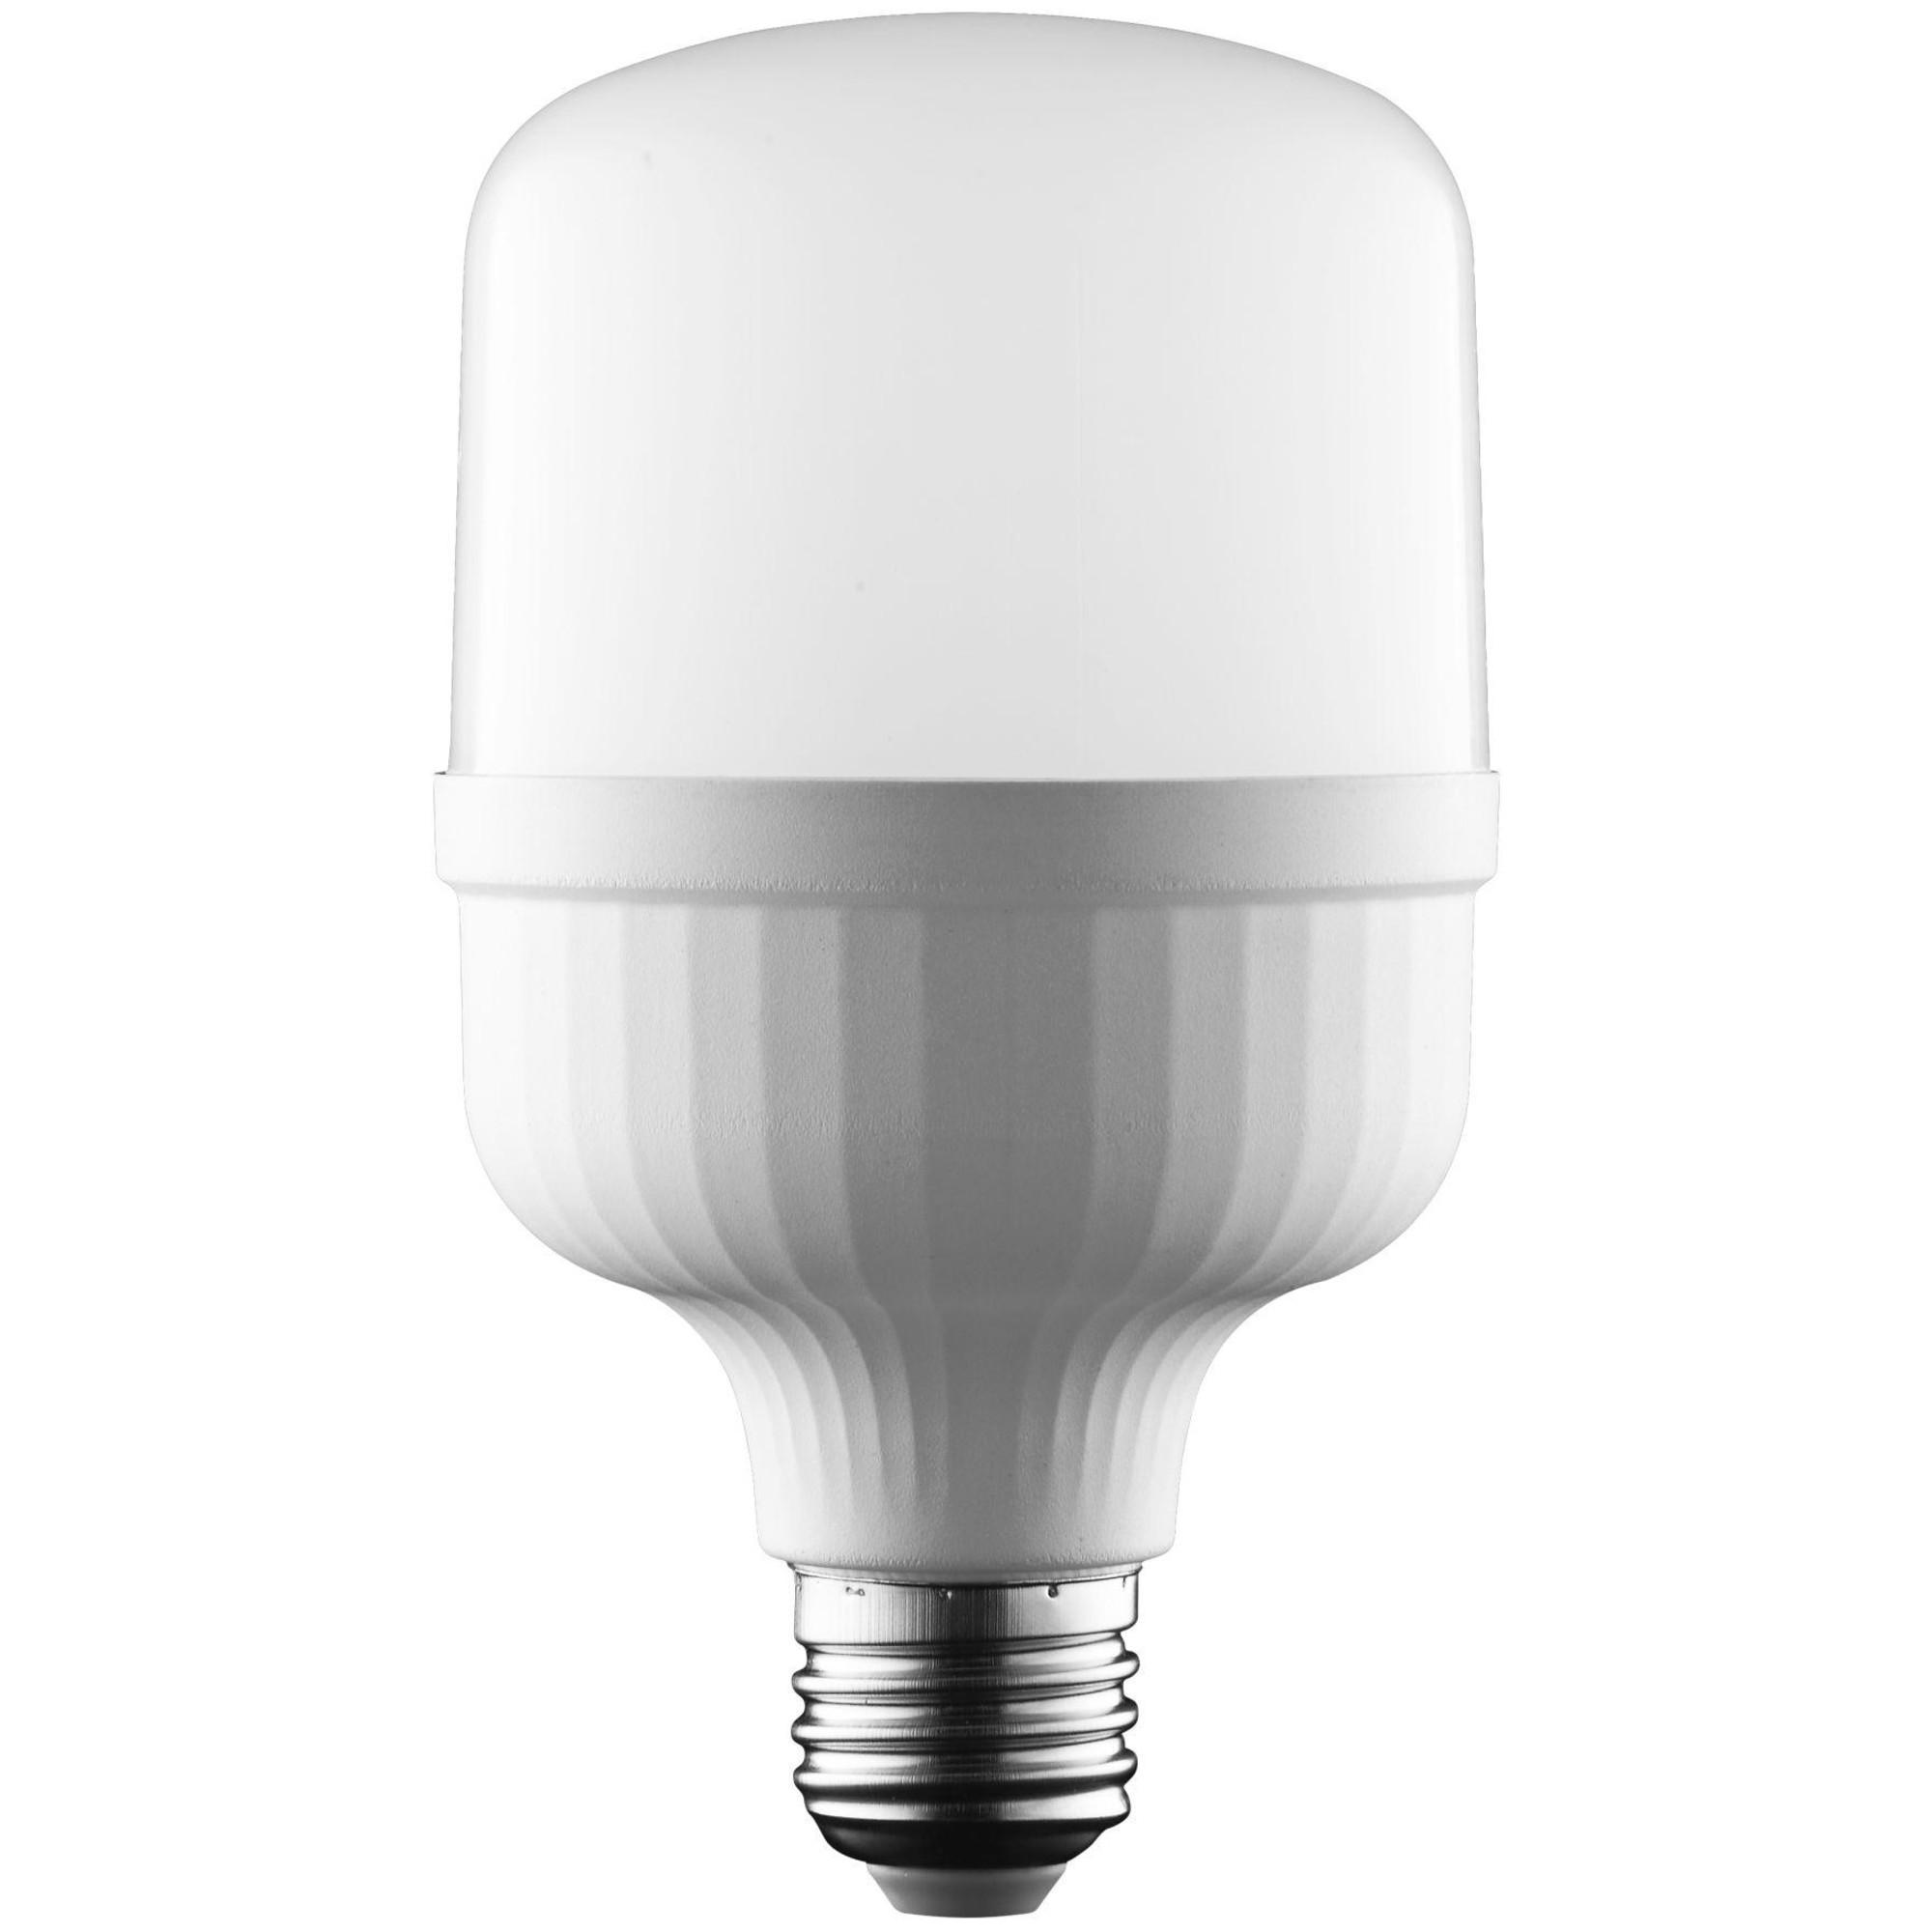 Лампа Ecola Premium светодионая E27 40 Вт 3600 Лм холодный свет